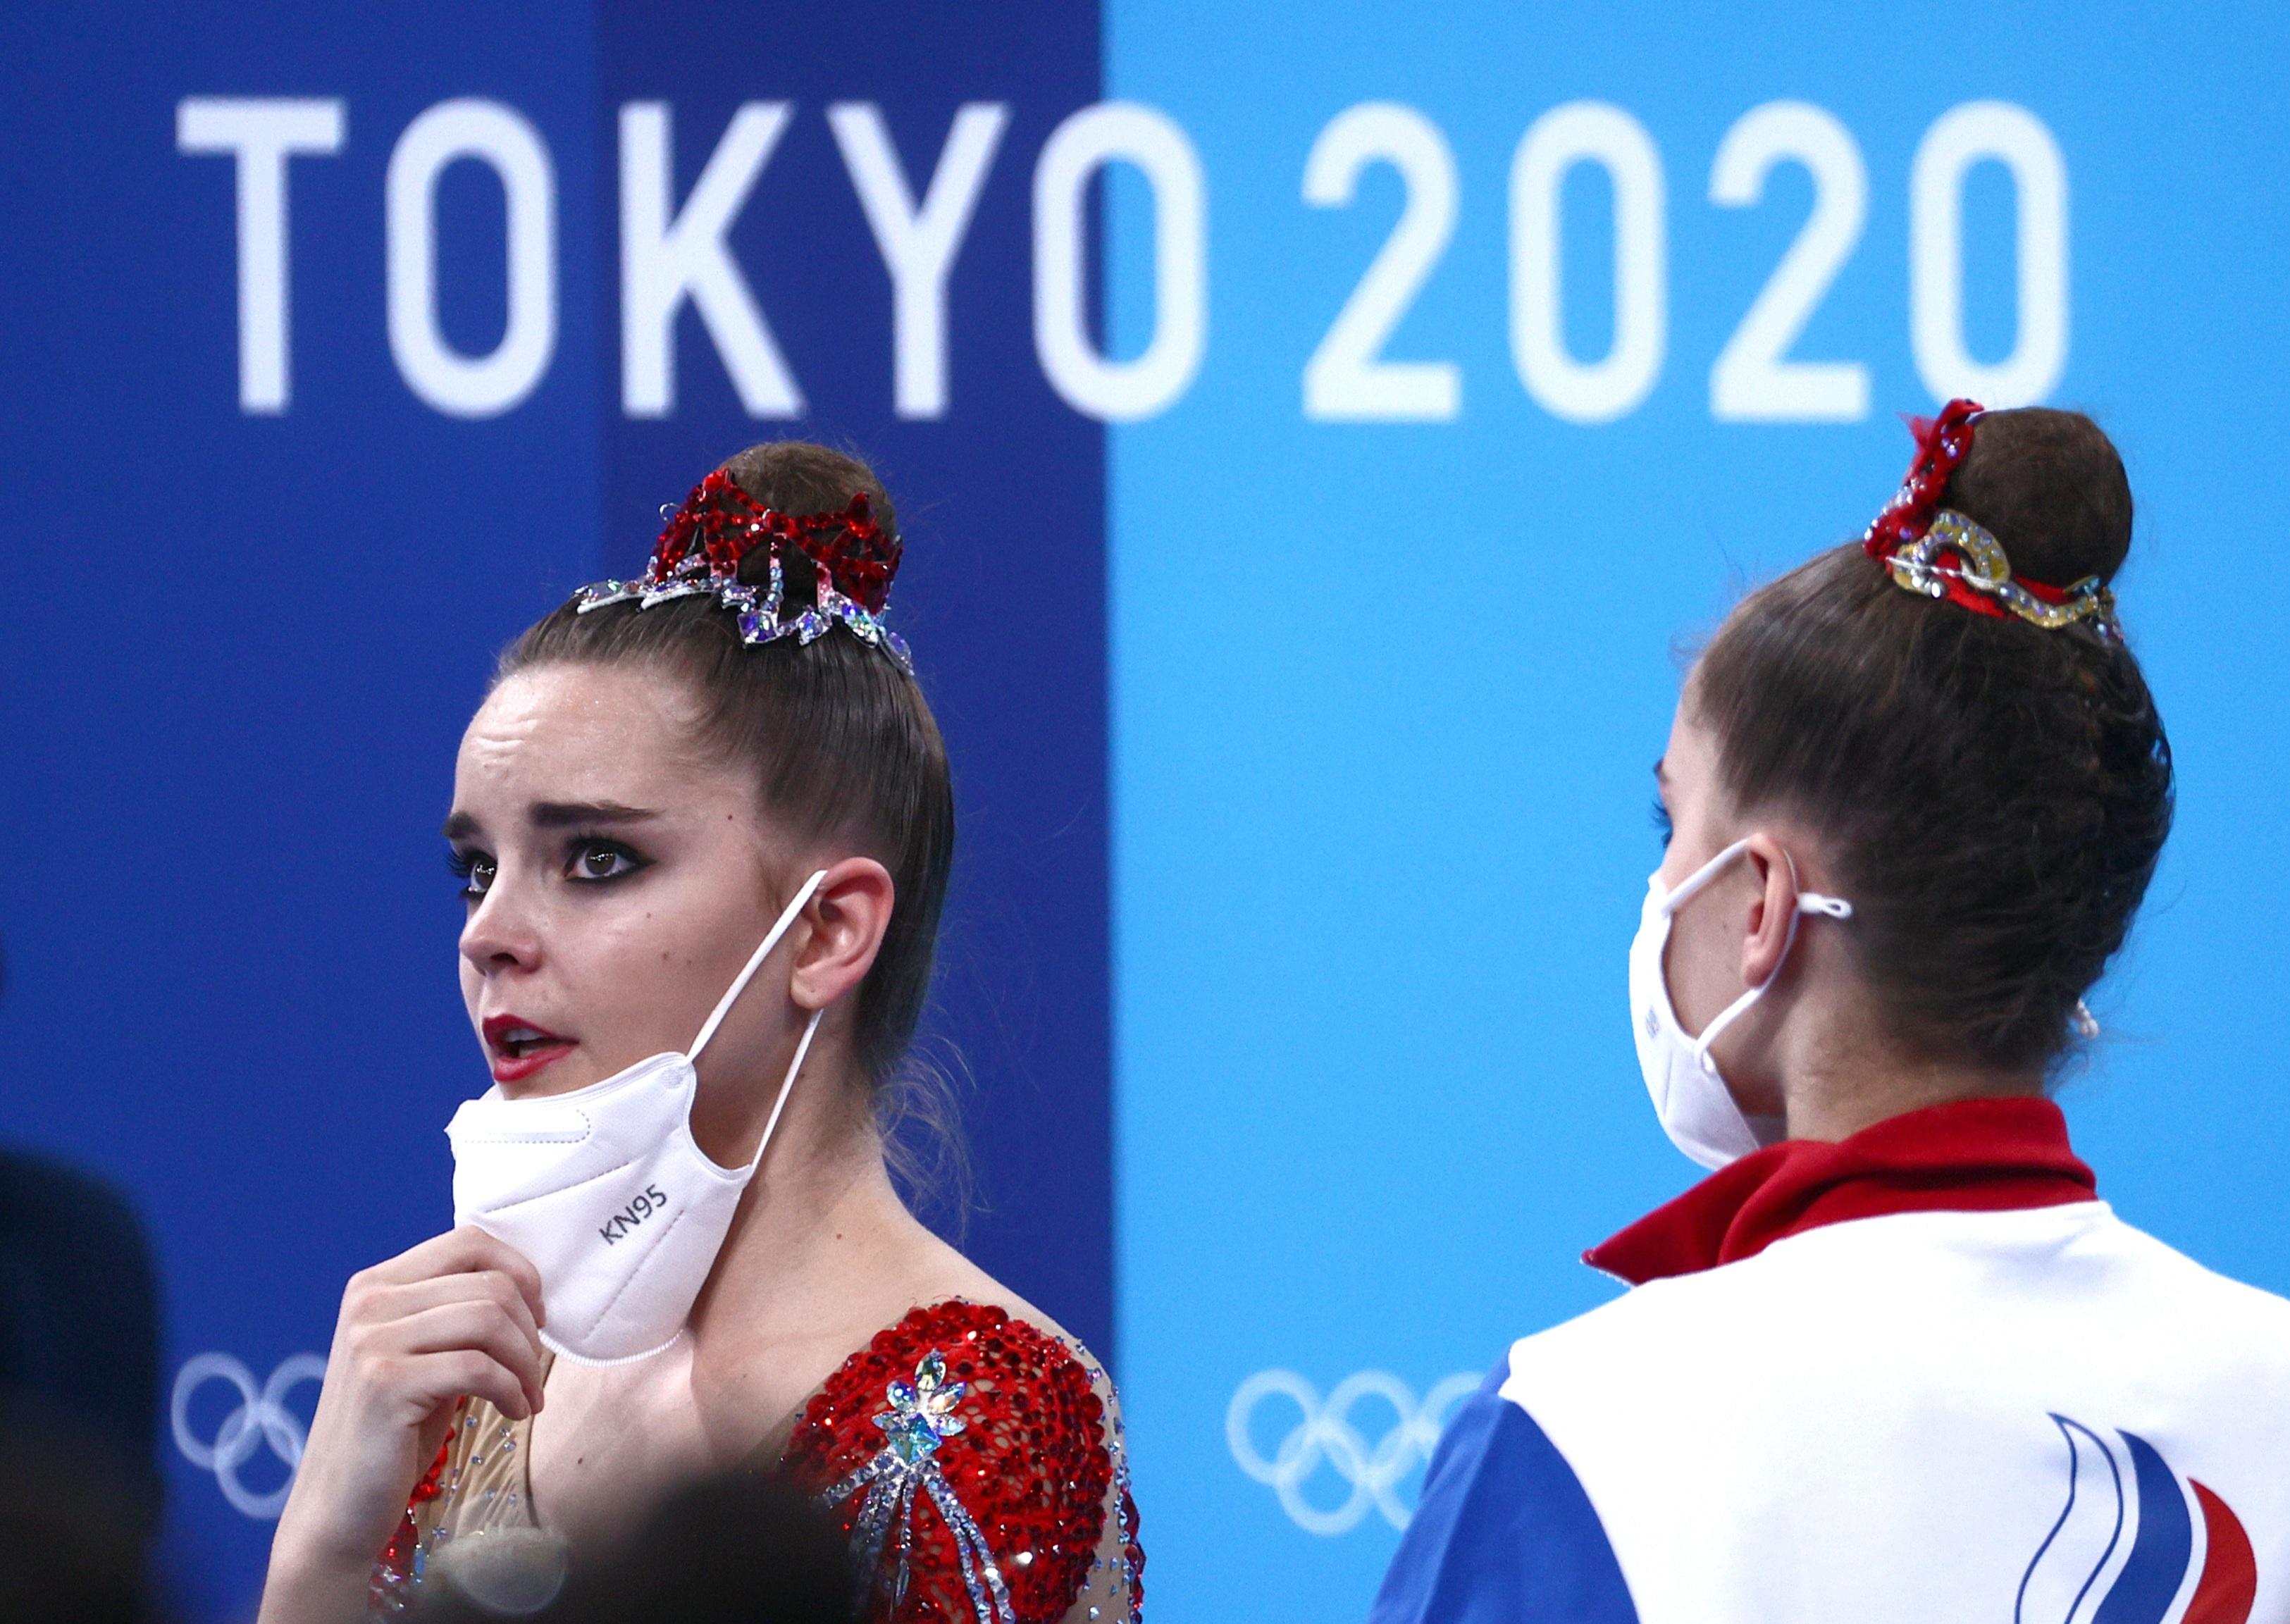 Фото:Слева направо: Дина Аверина и Арина Аверина (ОКР) после финальных соревнований. (Сергей Бобылев/ТАСС)